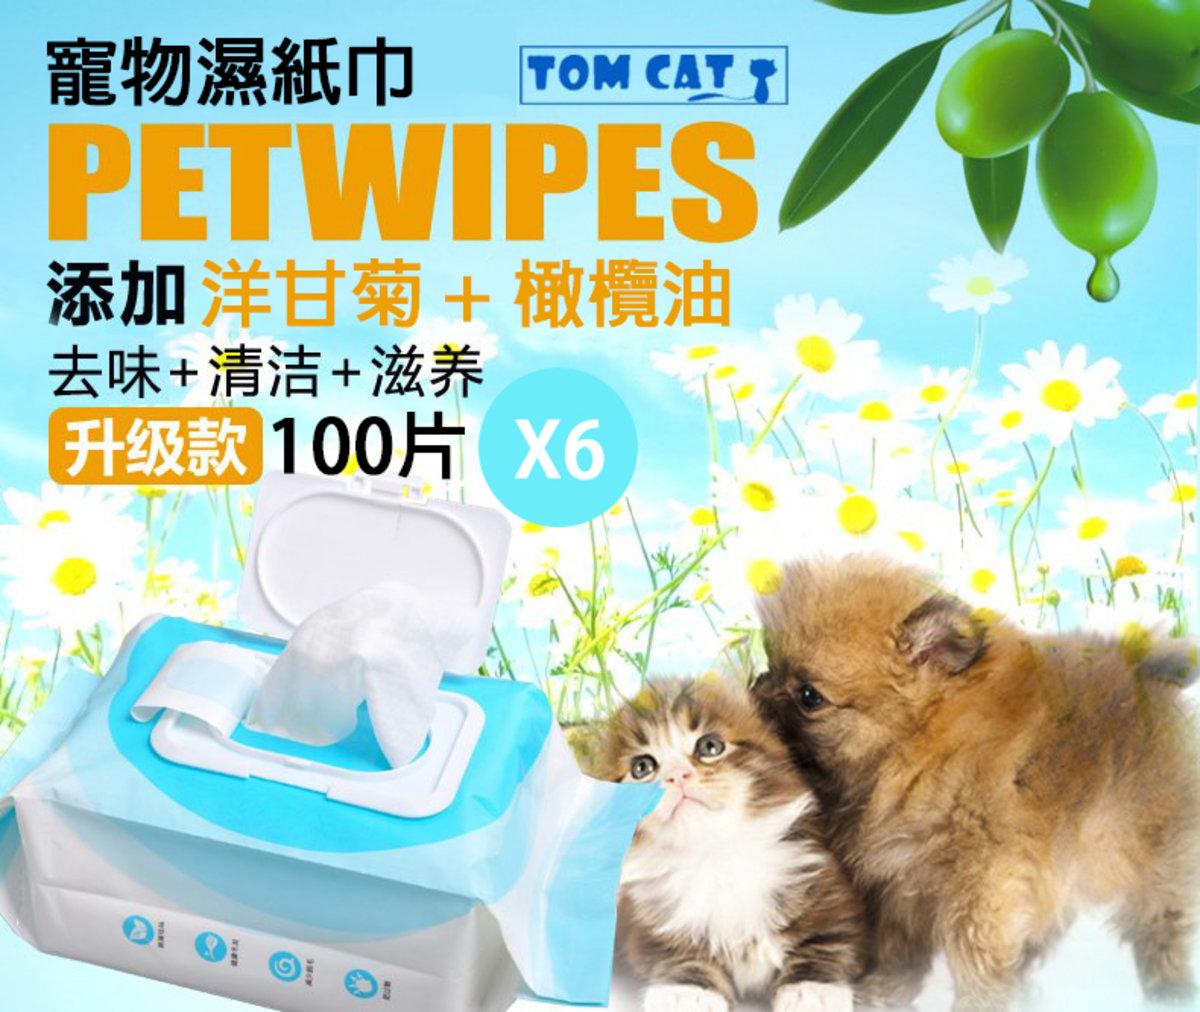 洋甘菊寵物濕巾100張 x 6套裝